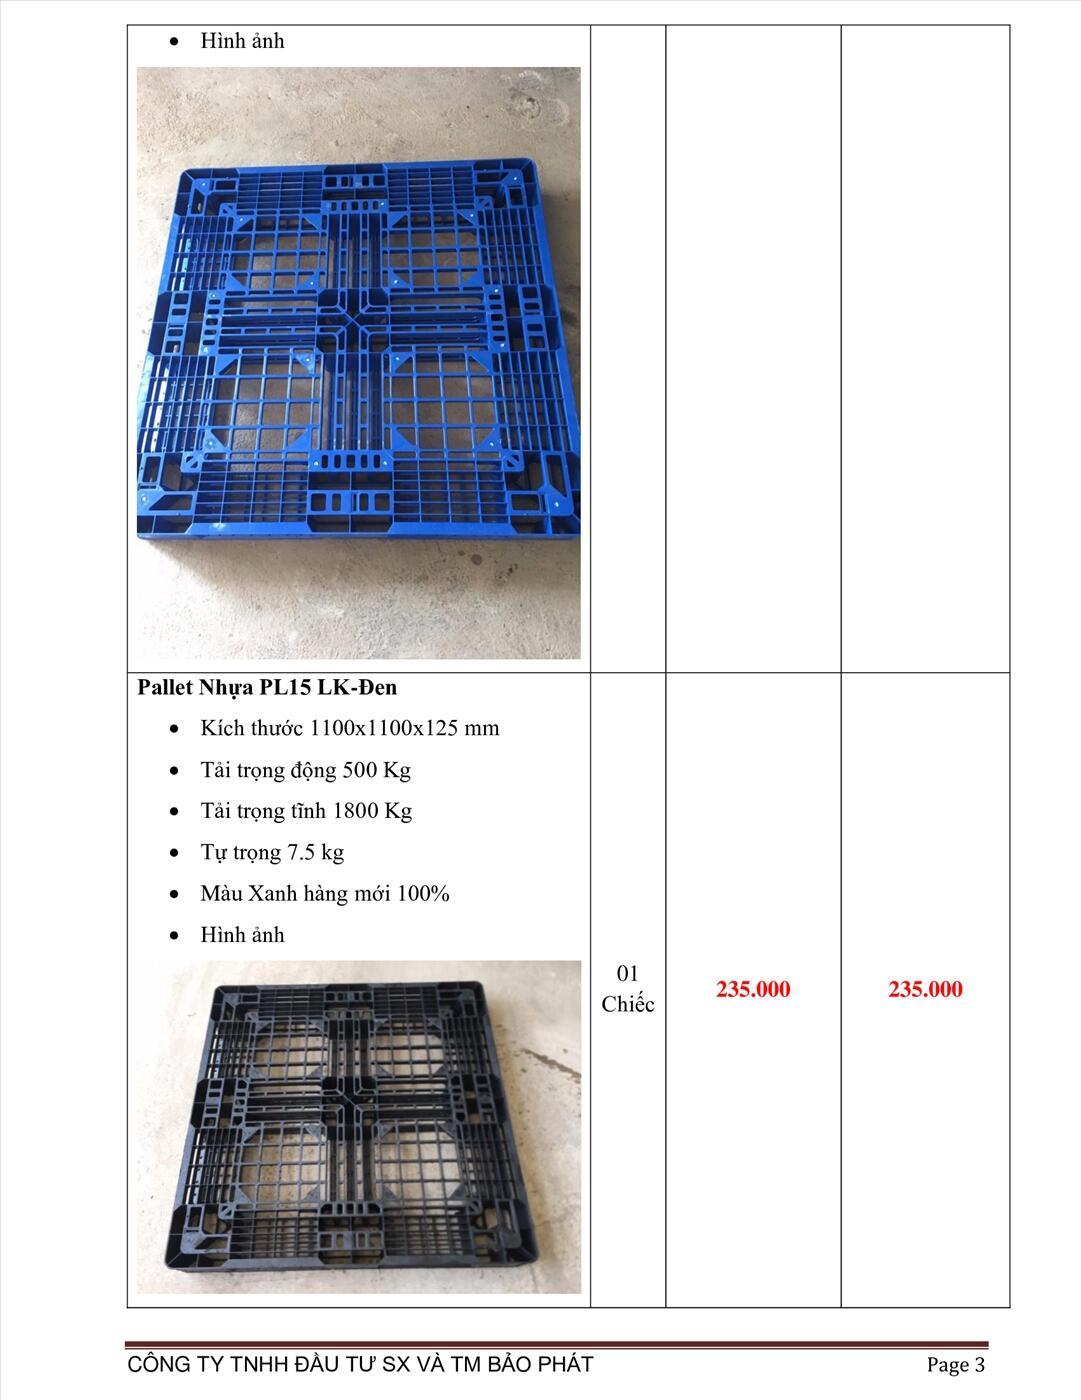 pallet nhựa mới giá rẻ